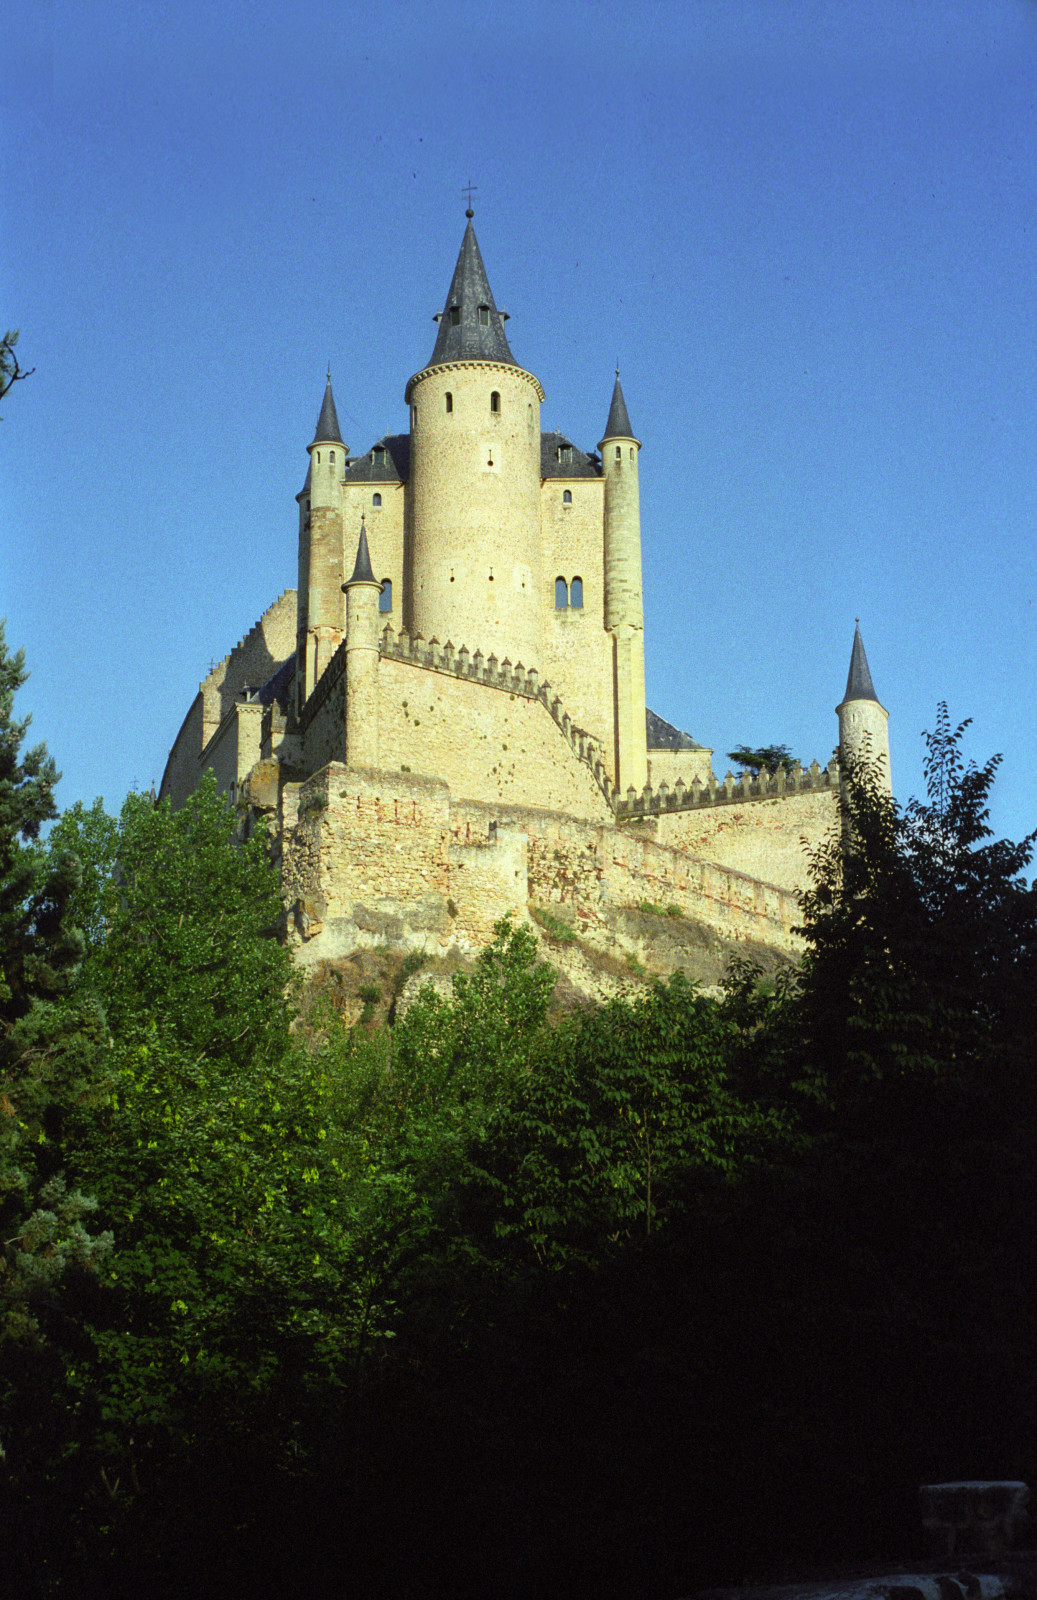 El Alcazar, Segovia